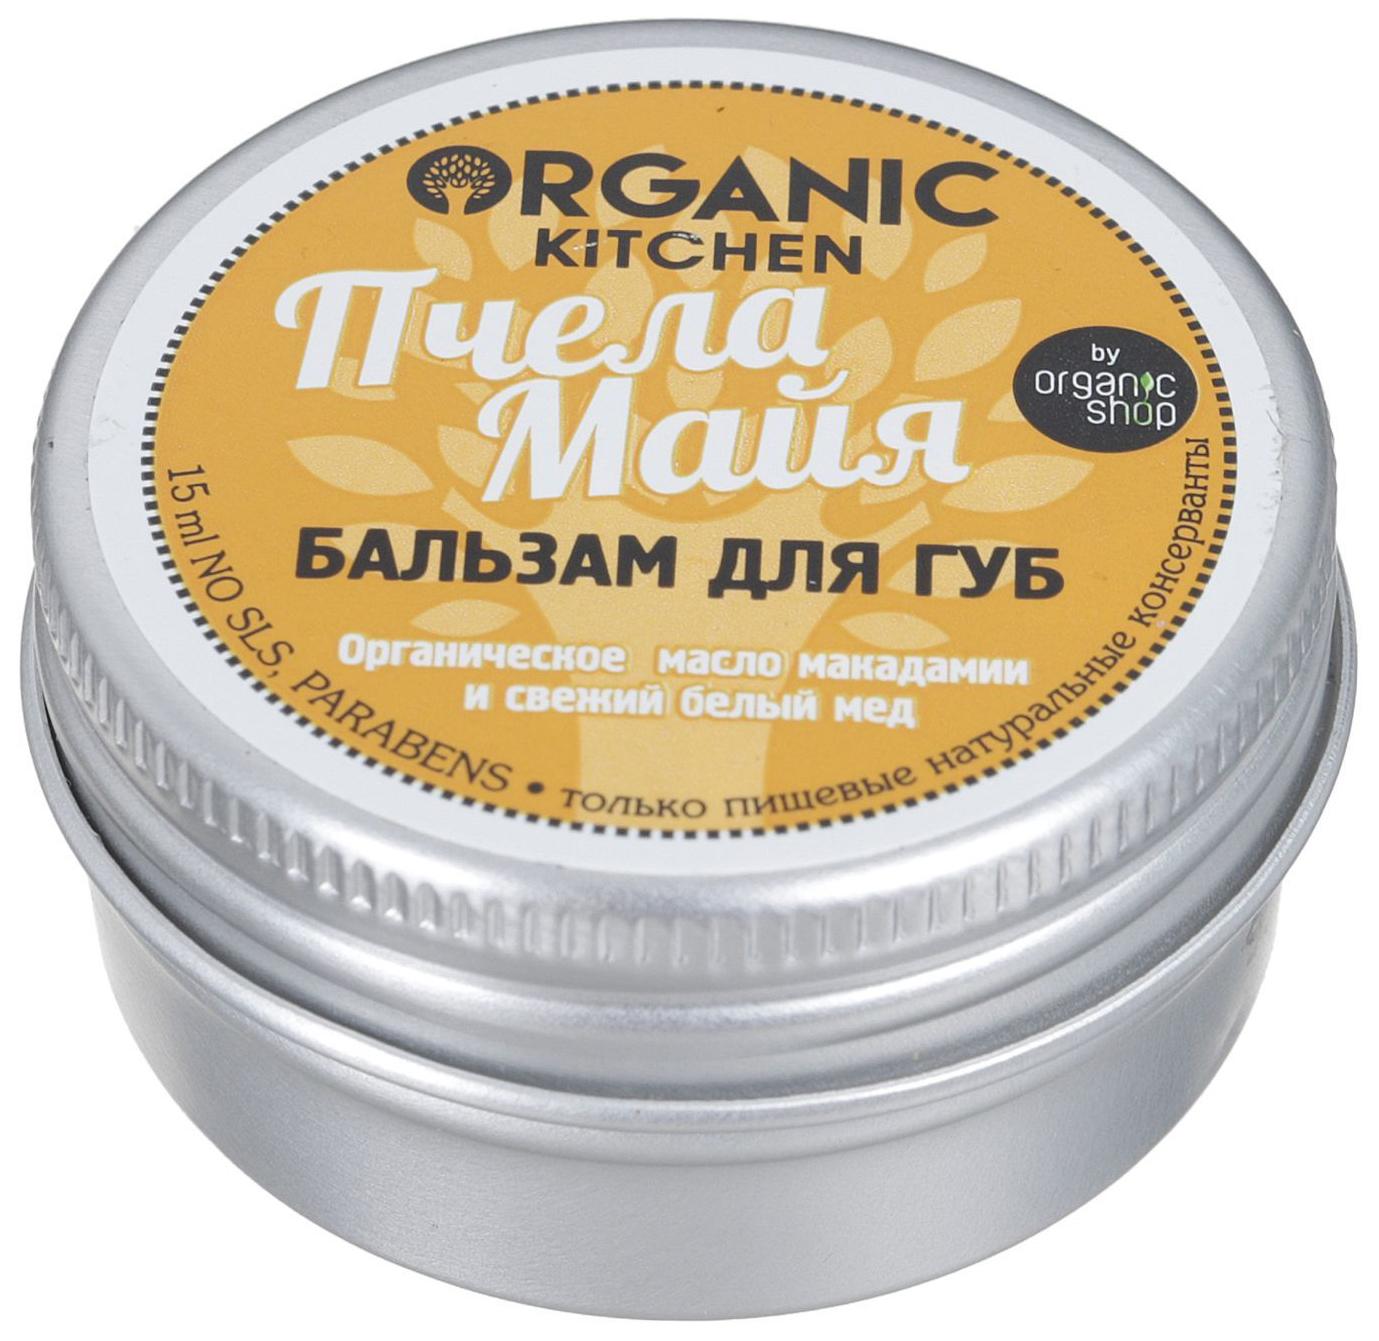 Купить Бальзам для губ Organic shop Organic Kitchen Пчела Майя 15 мл, пчела майя